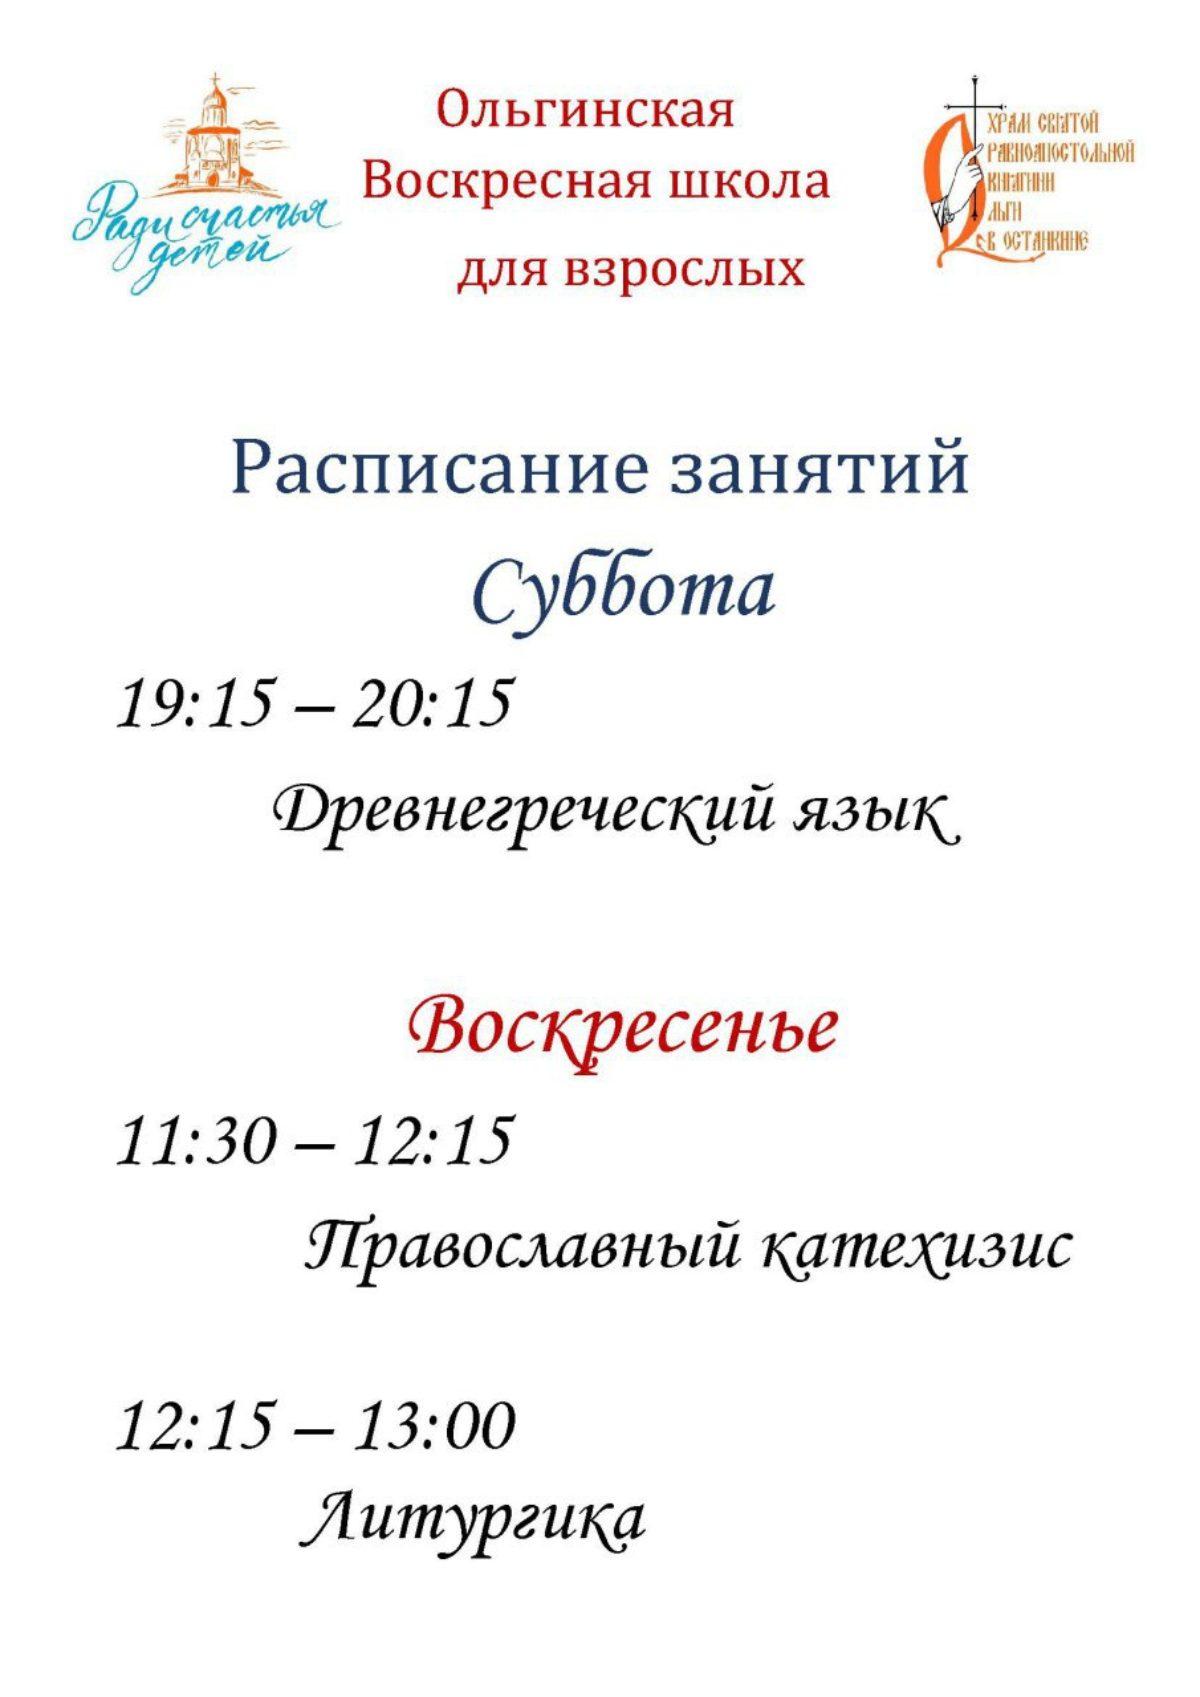 Расписание Воскресной школы для взрослых